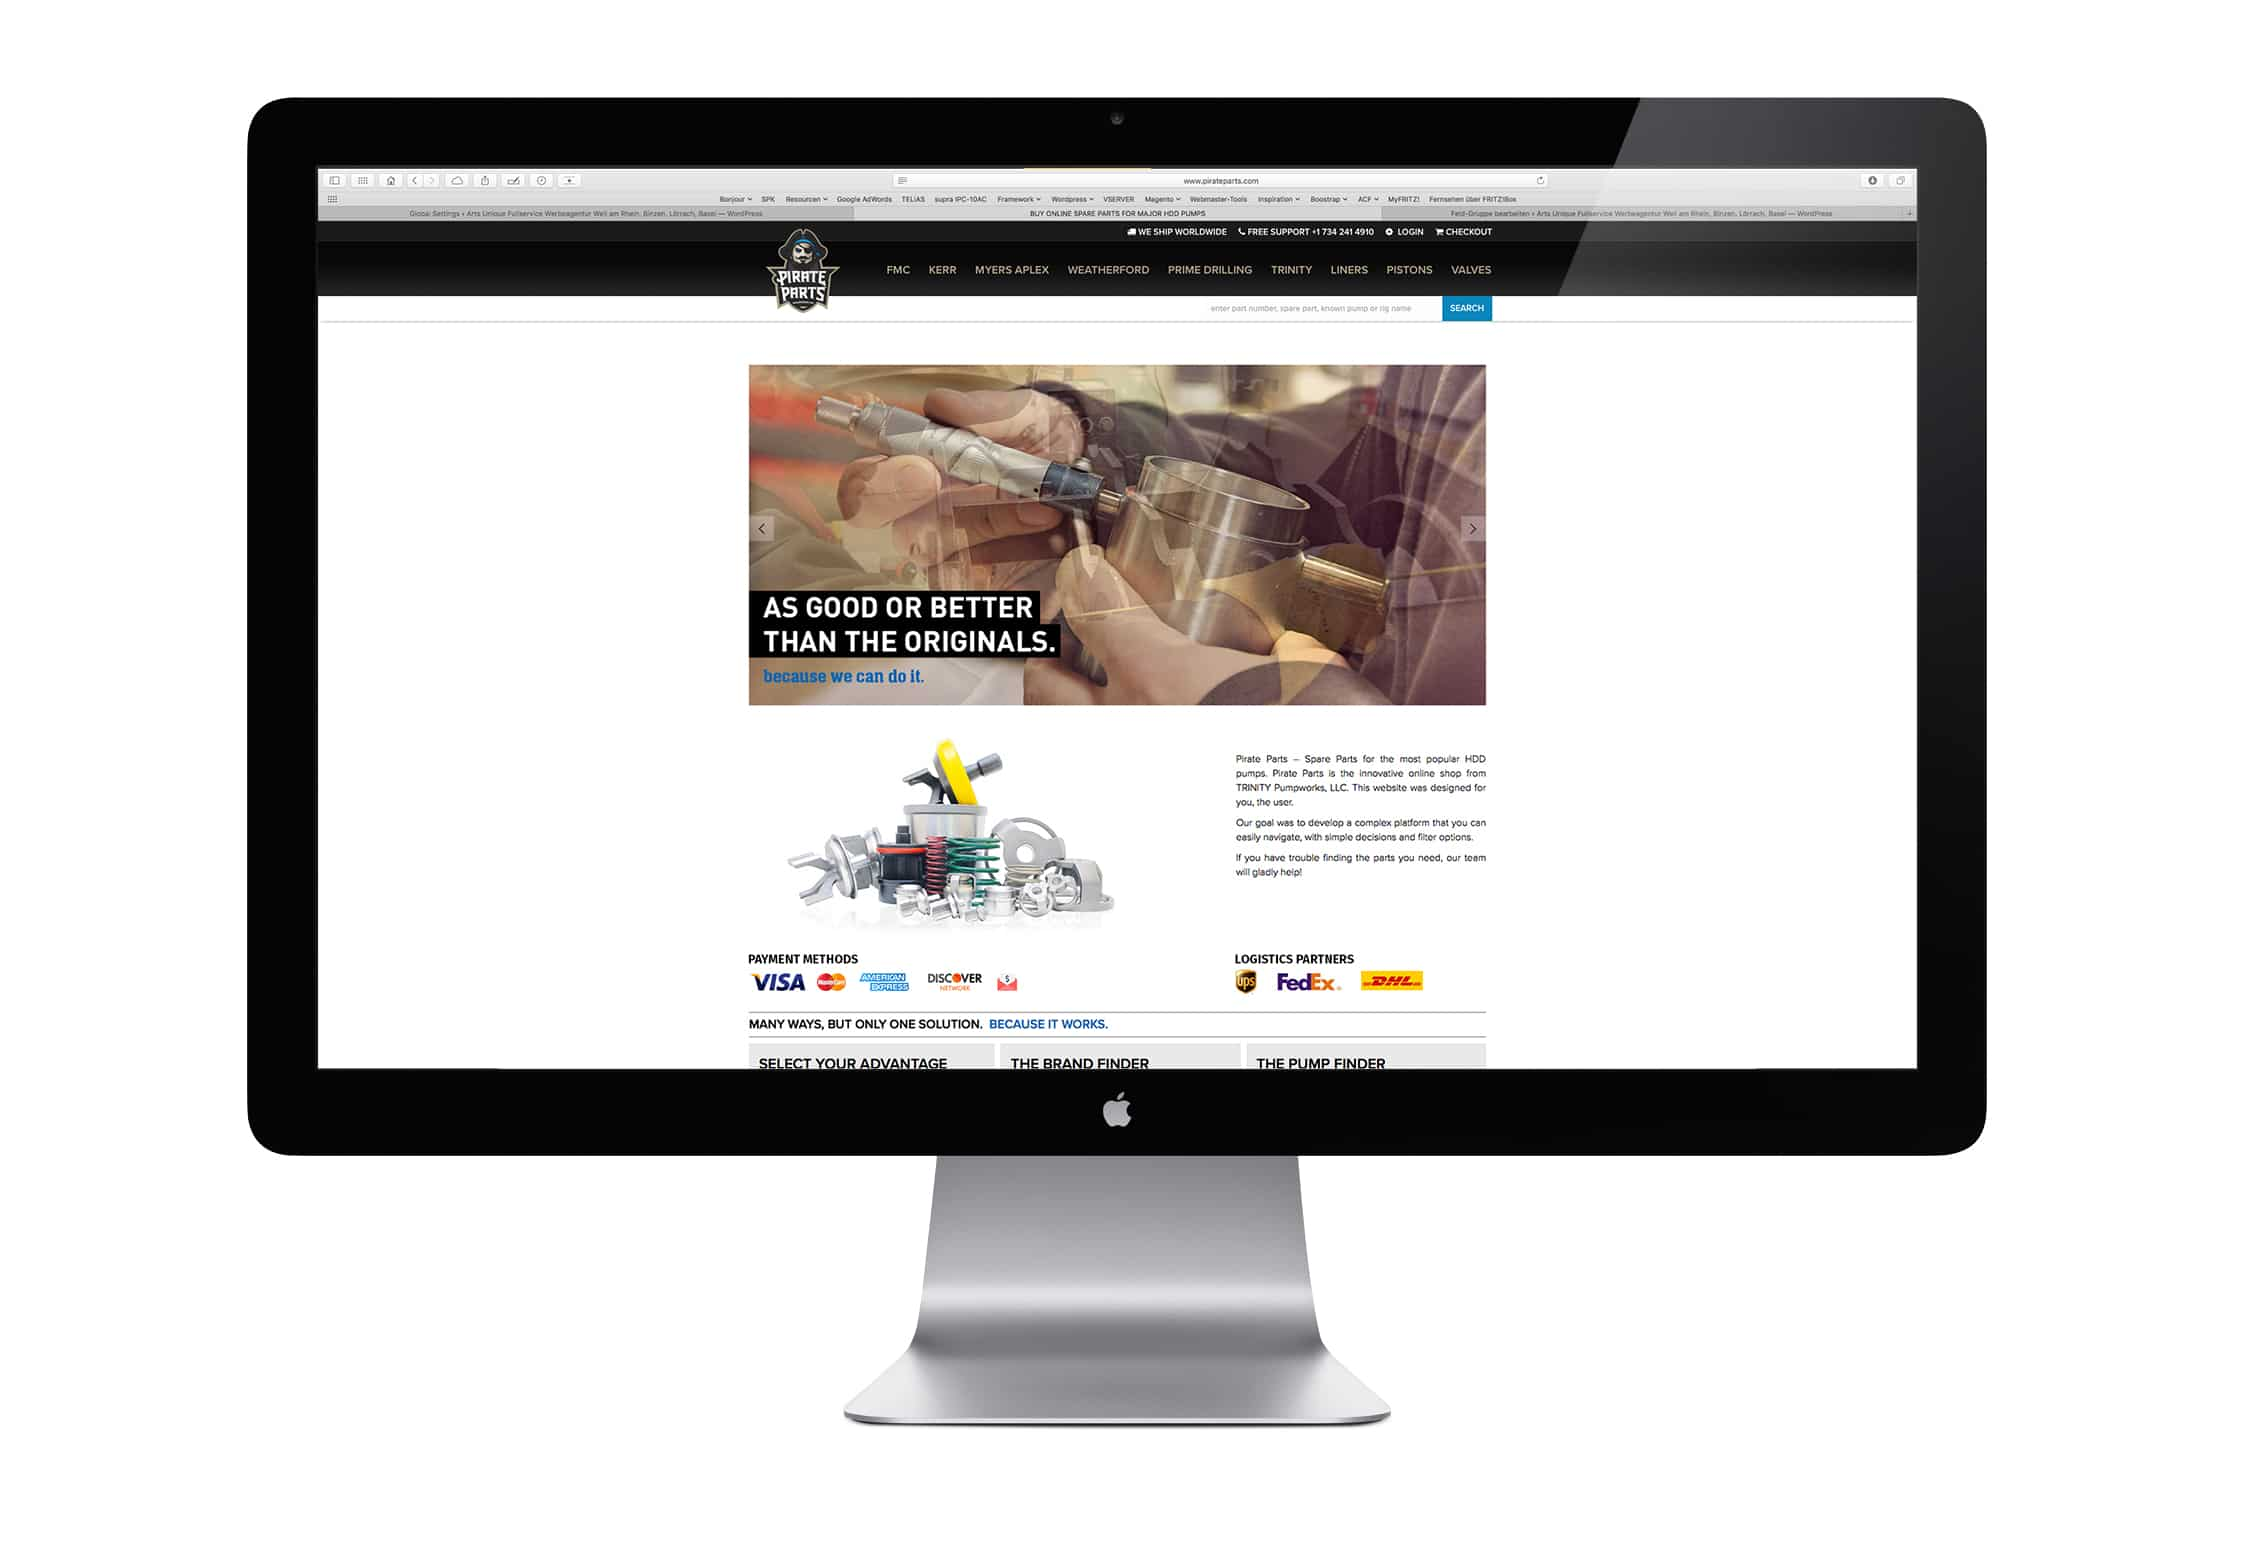 B2B Rheinfelden Webshop Beispiel